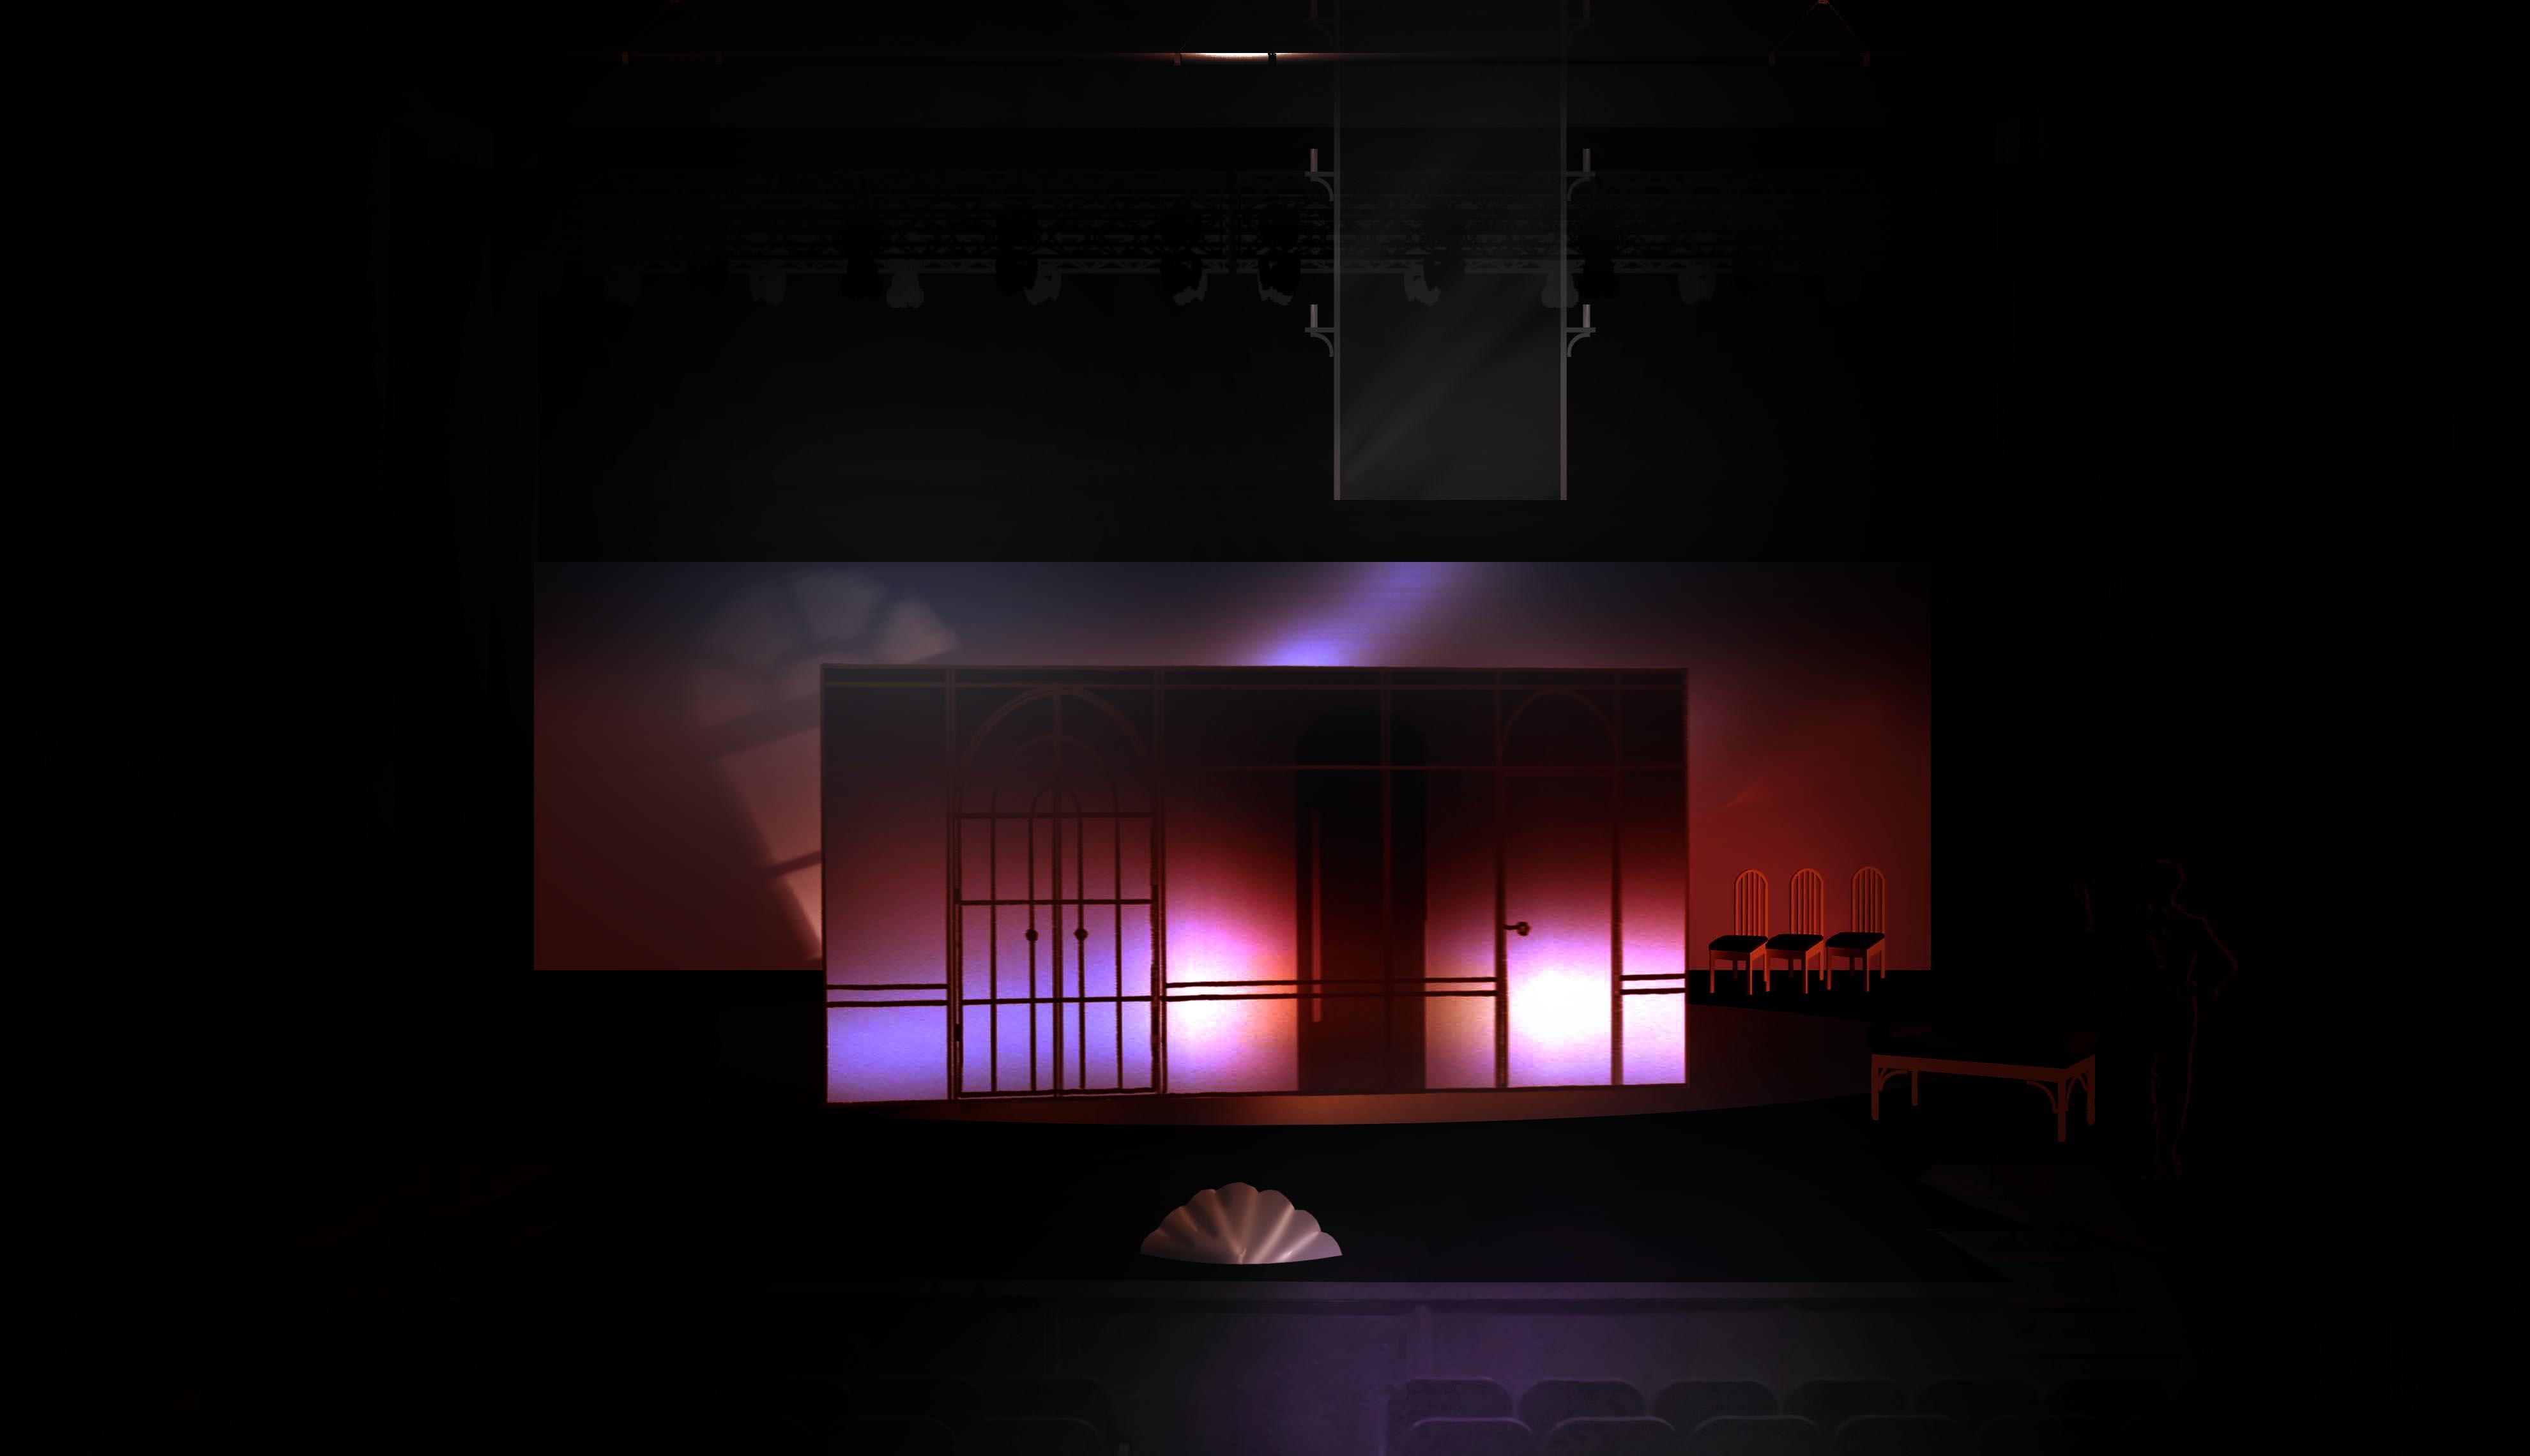 В Молодёжном театре Челябинска февраль начинается сразу с двух интересных событий. Сегодня, перво